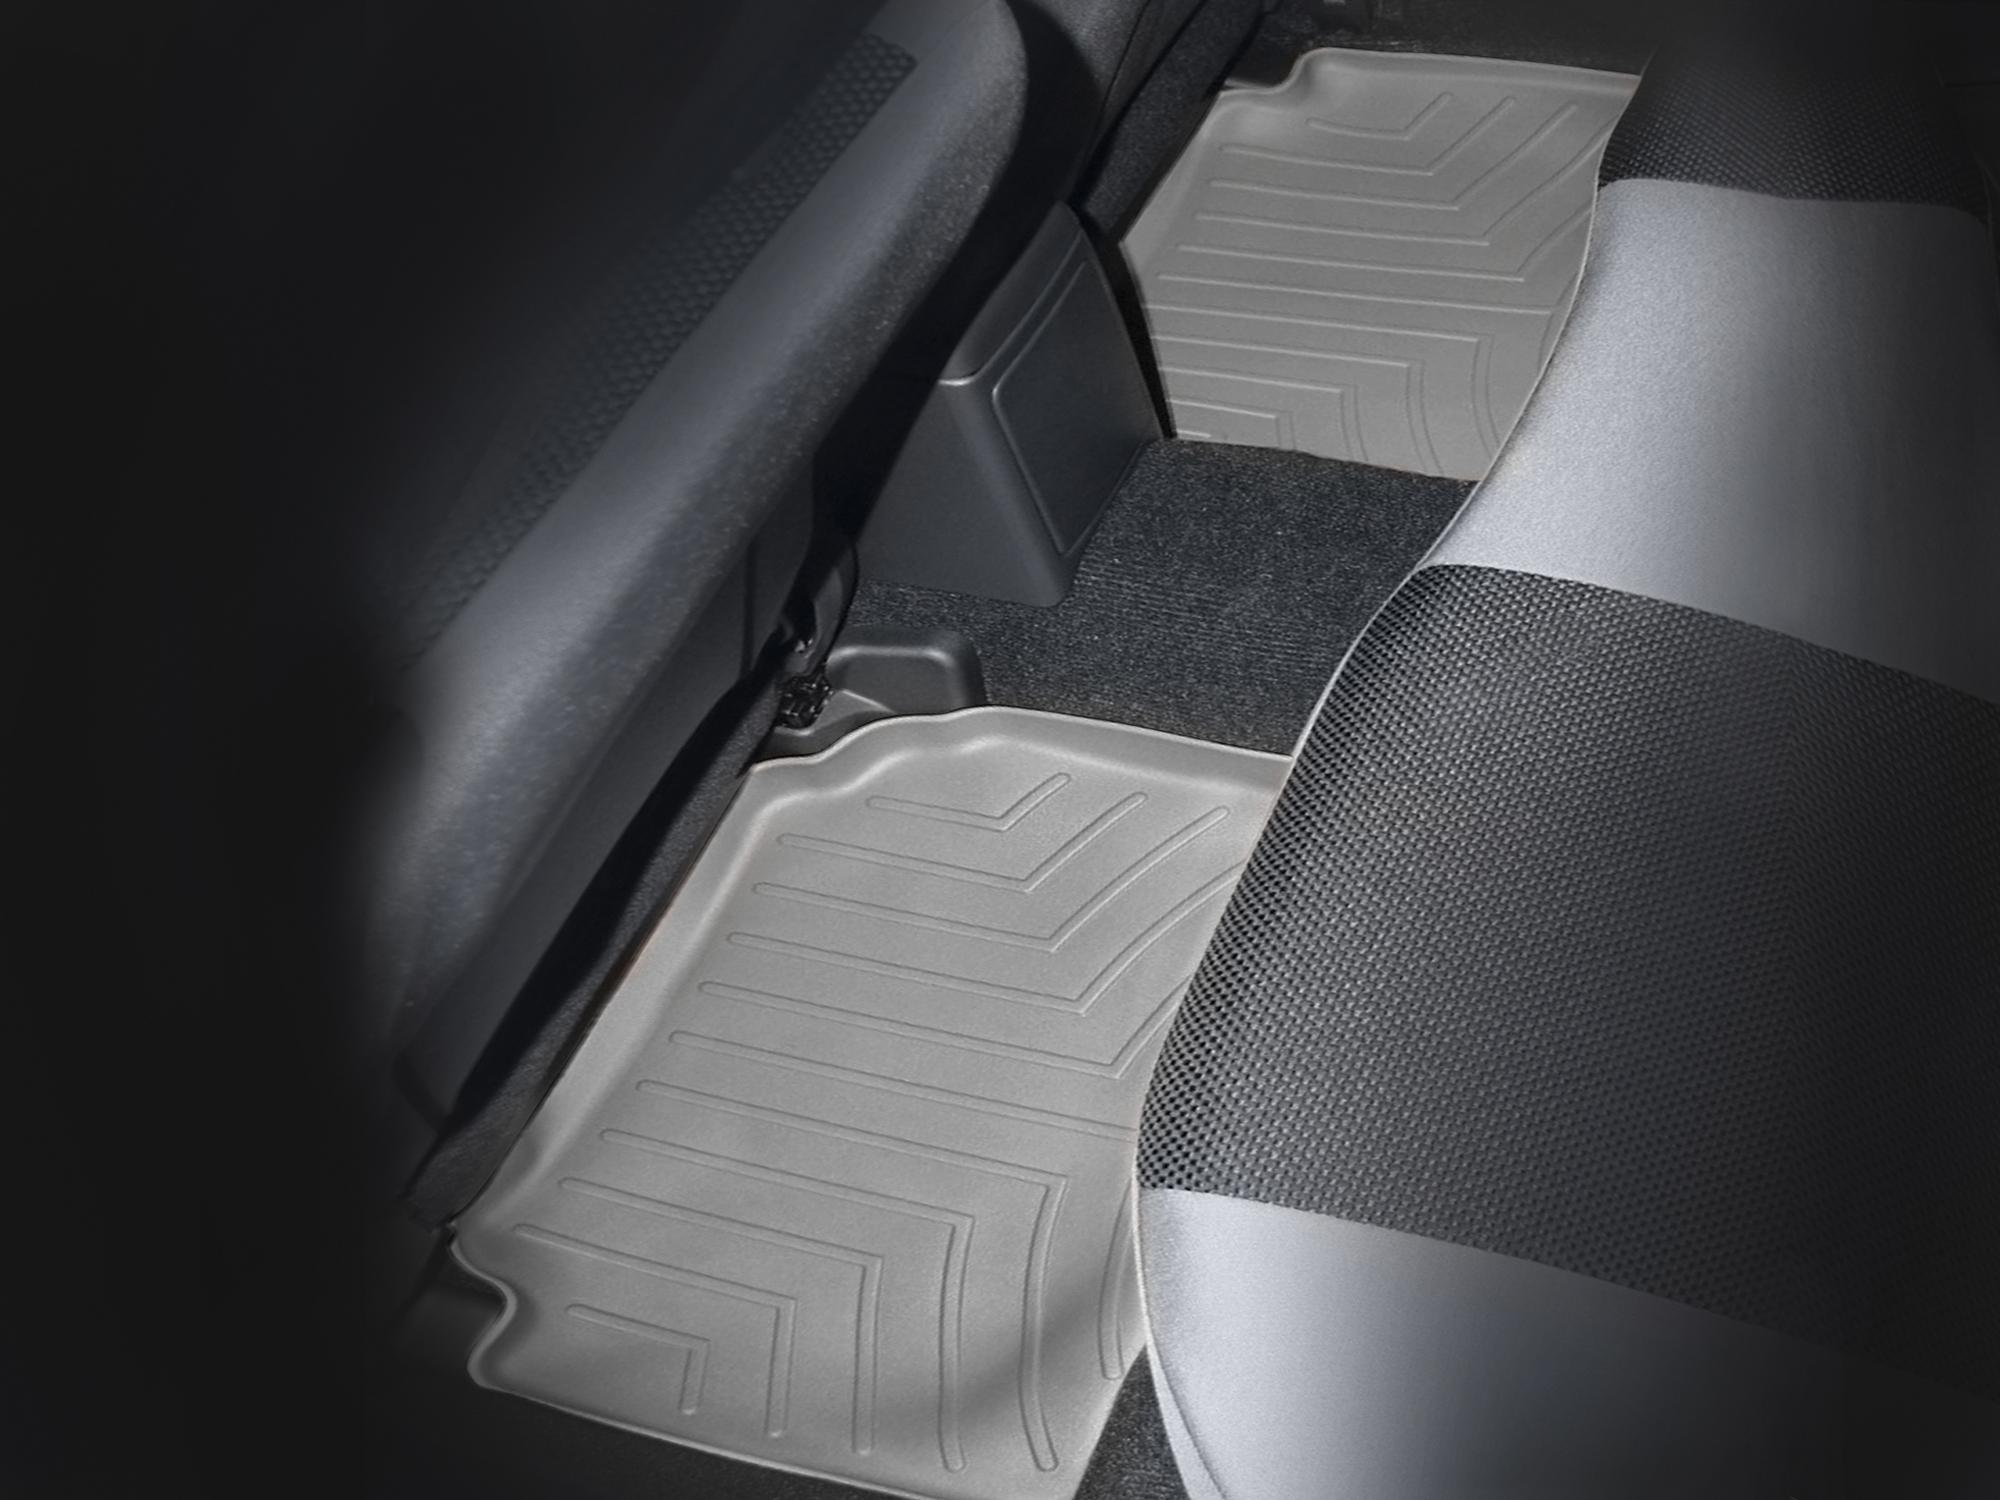 Tappeti gomma su misura bordo alto Subaru Impreza WRX STi 07>07 Grigio A3457